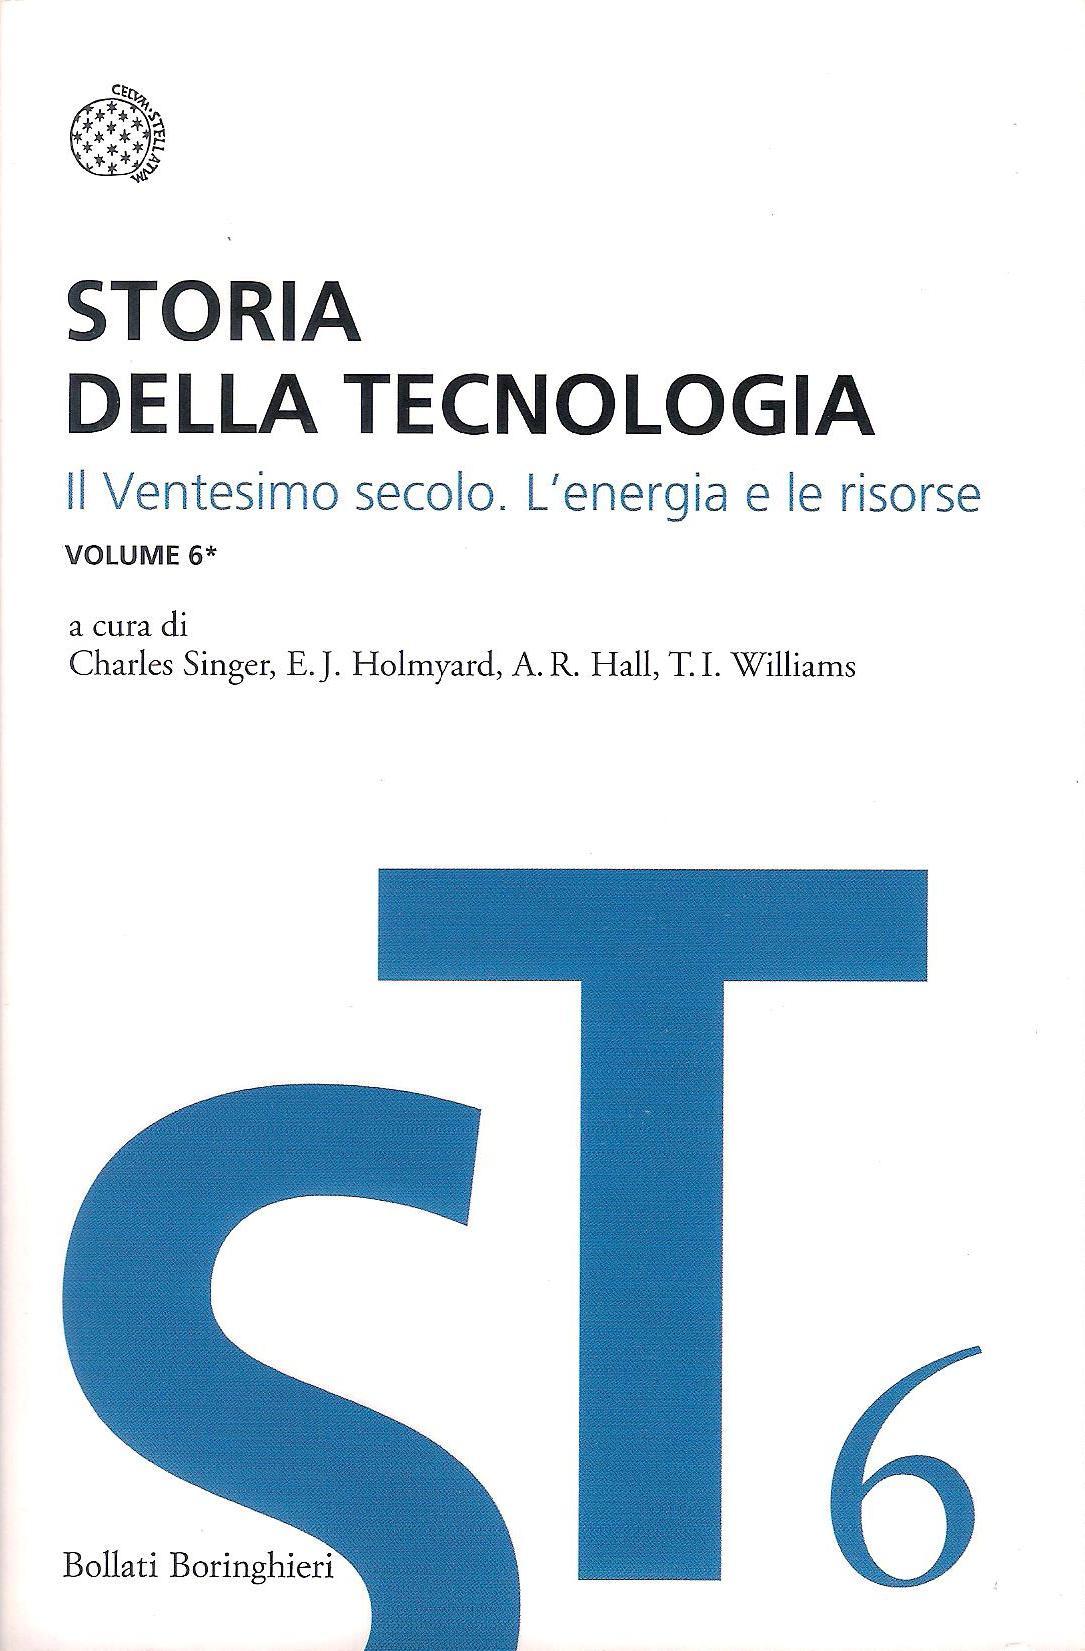 Storia della tecnologia - Vol. 6.1